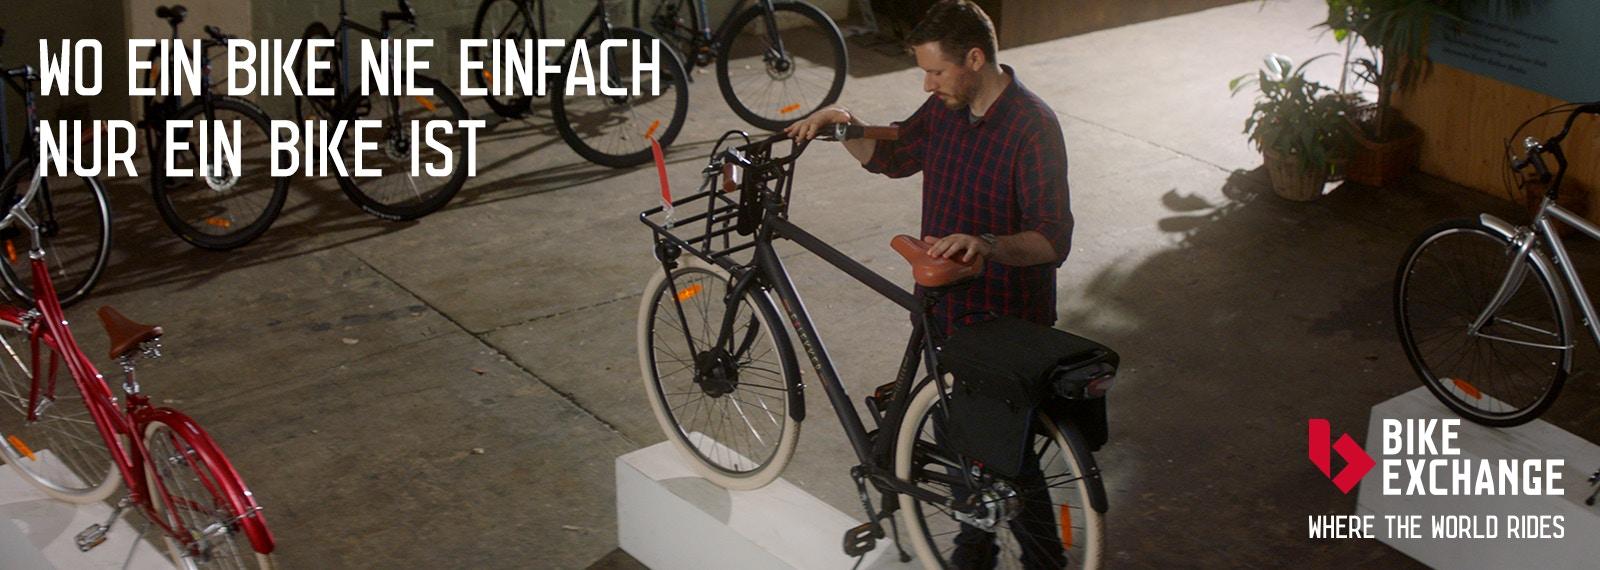 BikeExchange: Wo ein Bike nie einfach nur ein Bike ist.